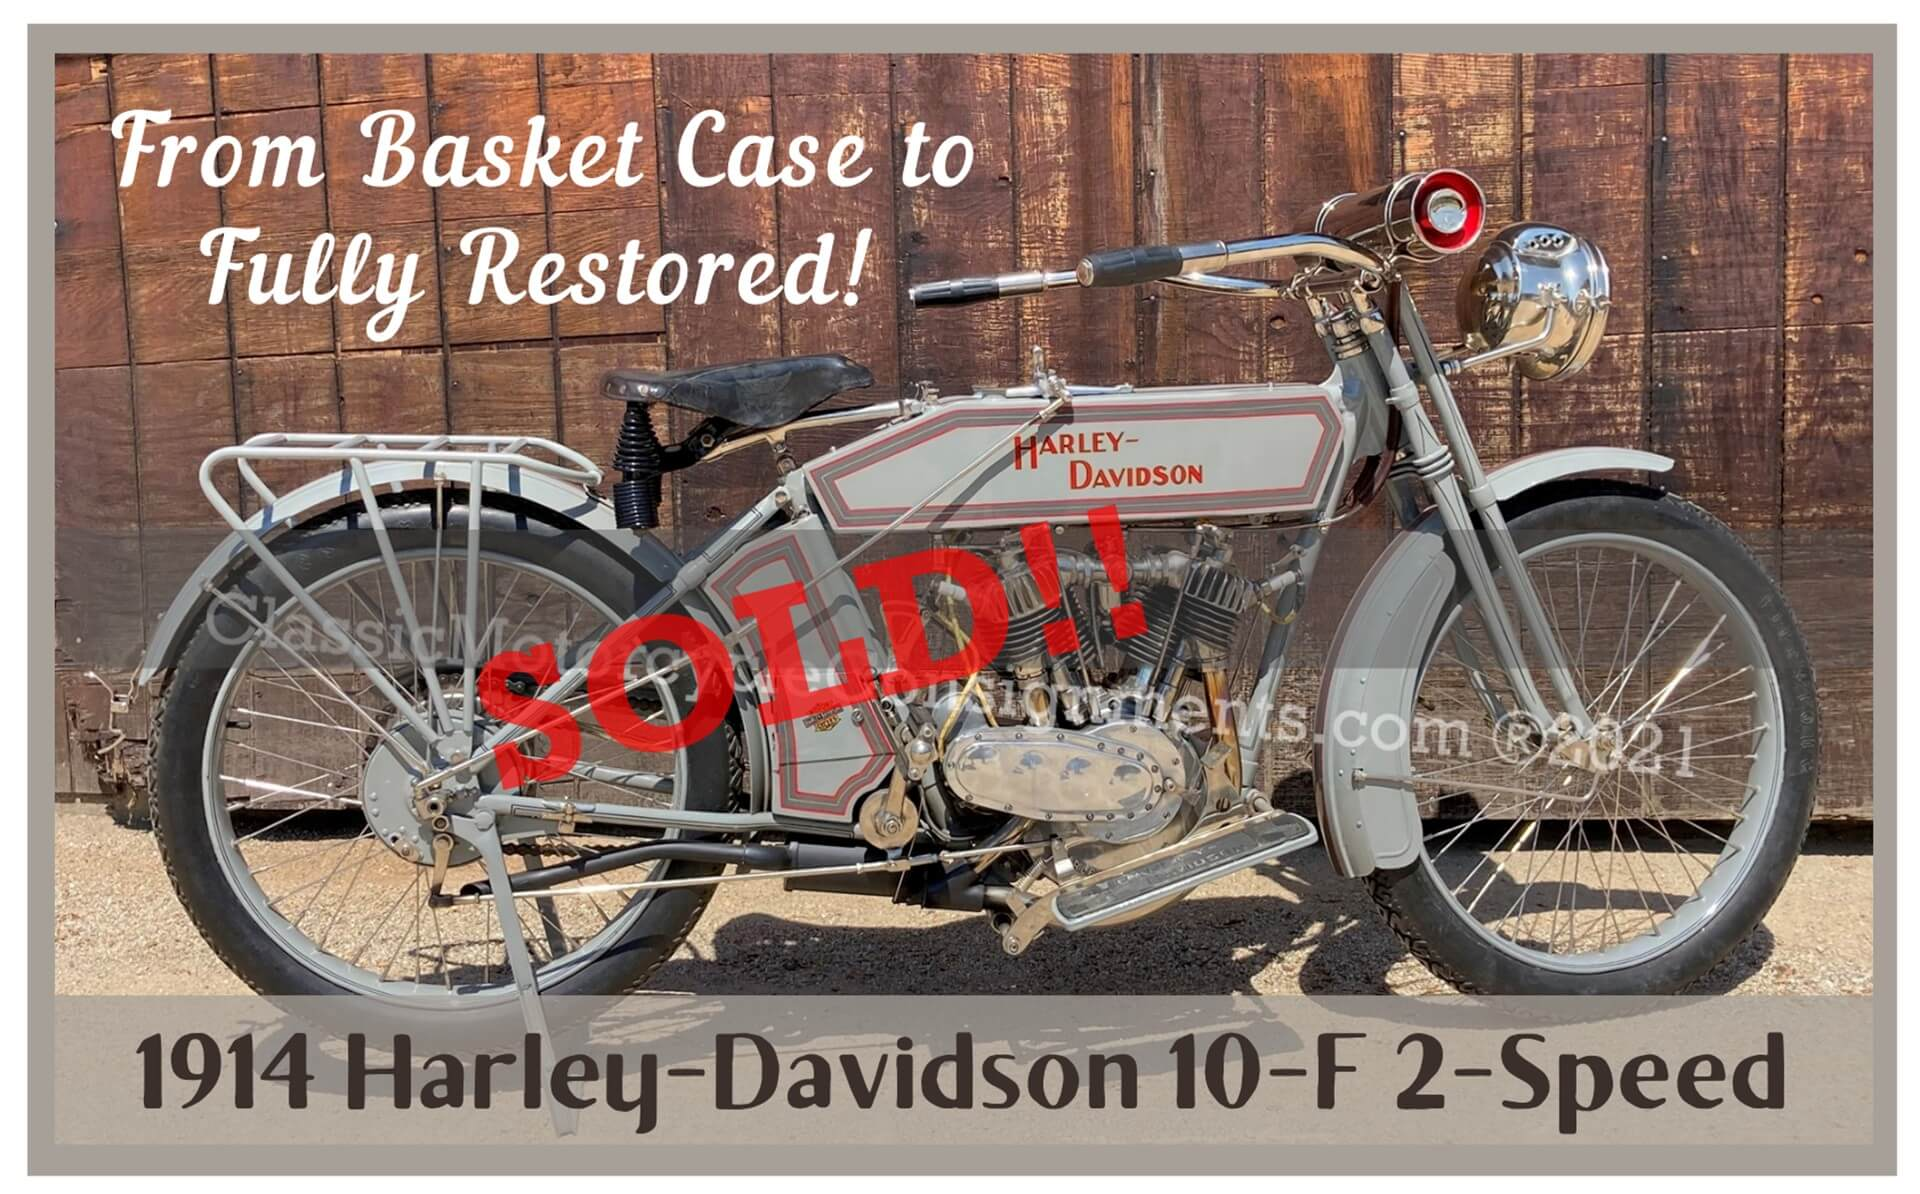 1914 Harley Davidson 10F Motorcycle – Basket Case — COMPLETE RESTORATION! — SOLD!!!